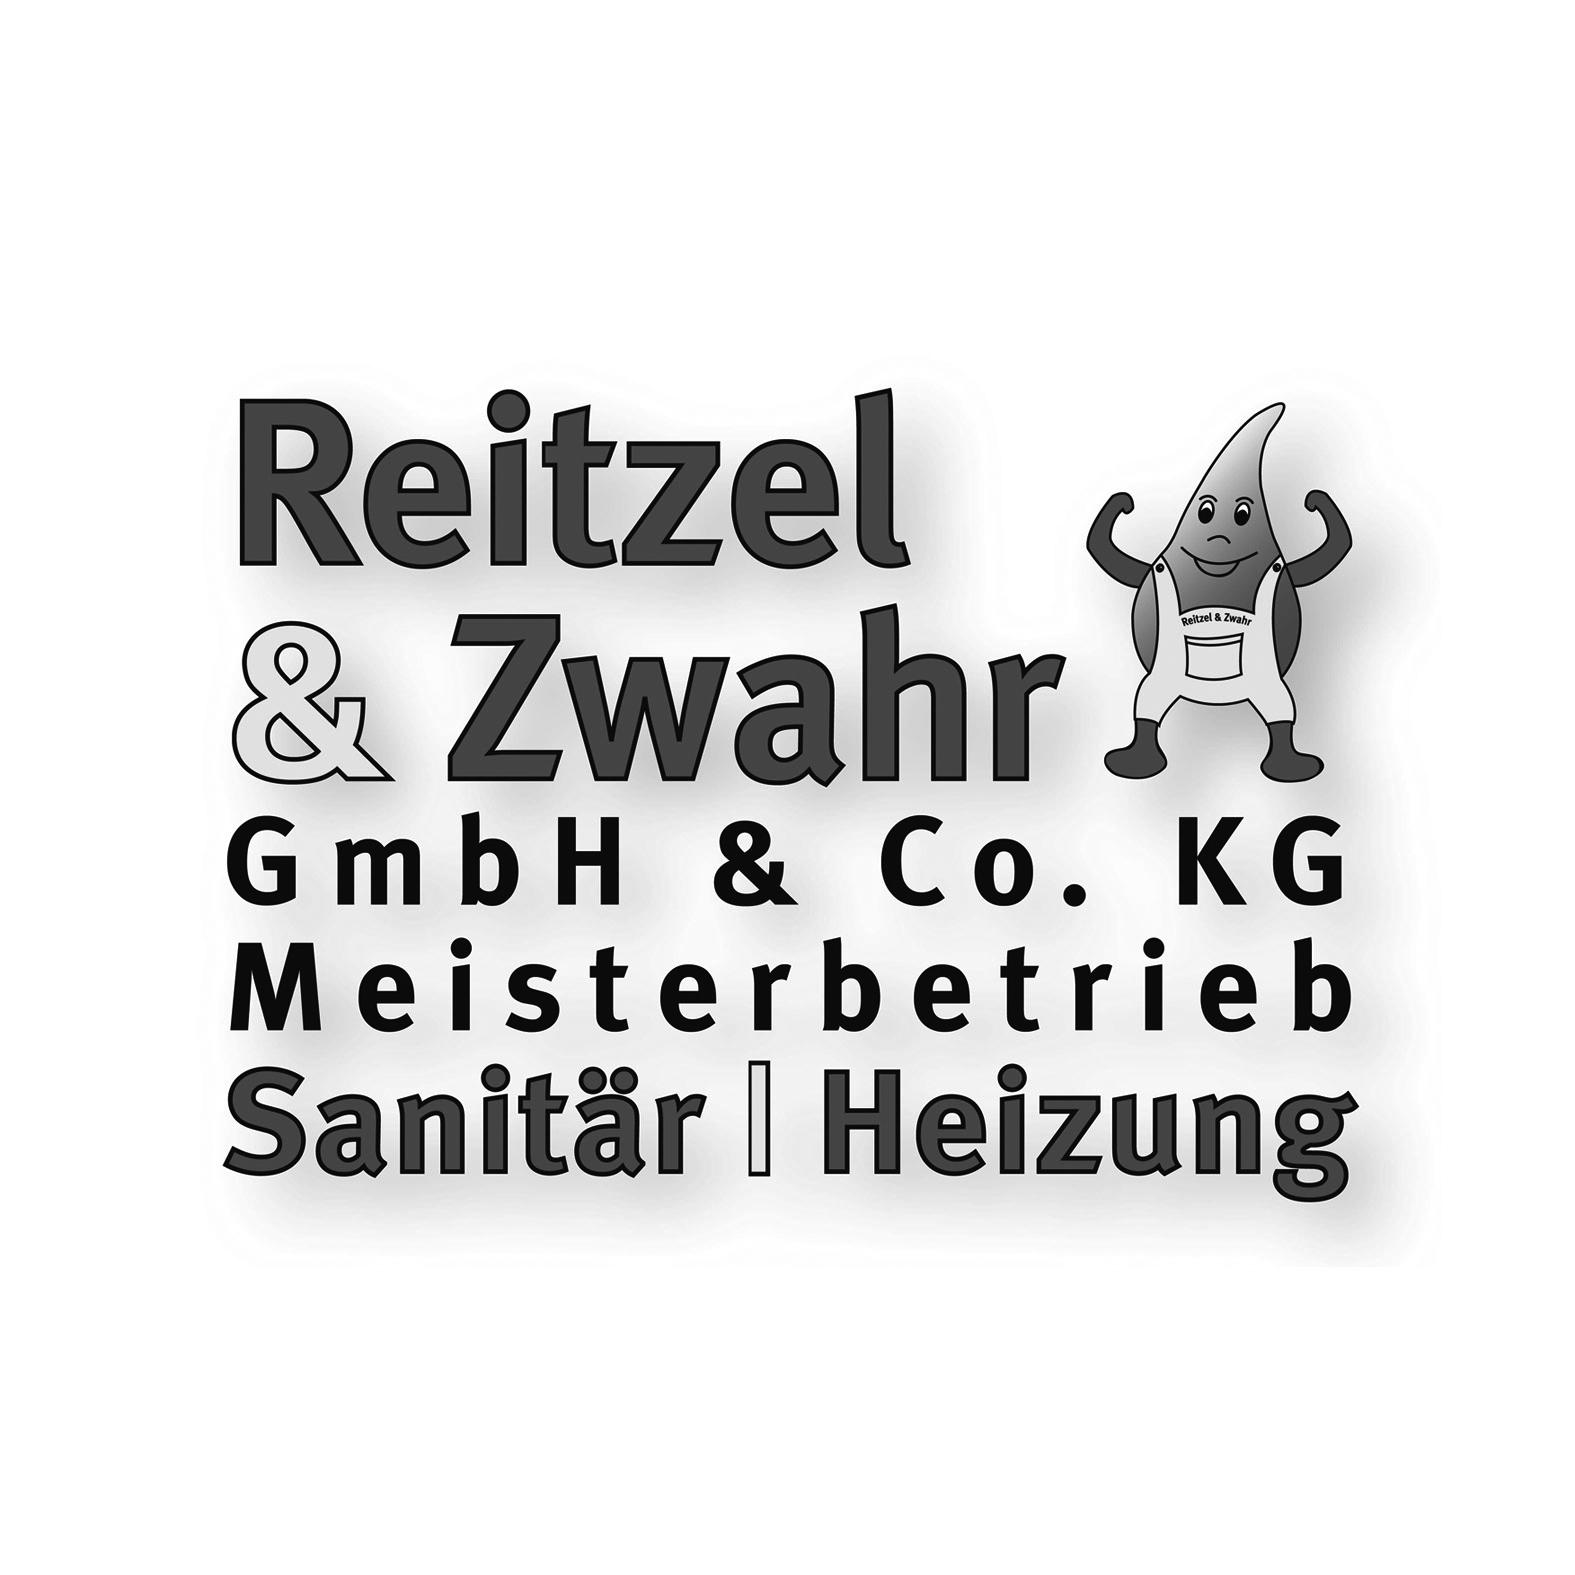 Reitzel & Zwahr GmbH